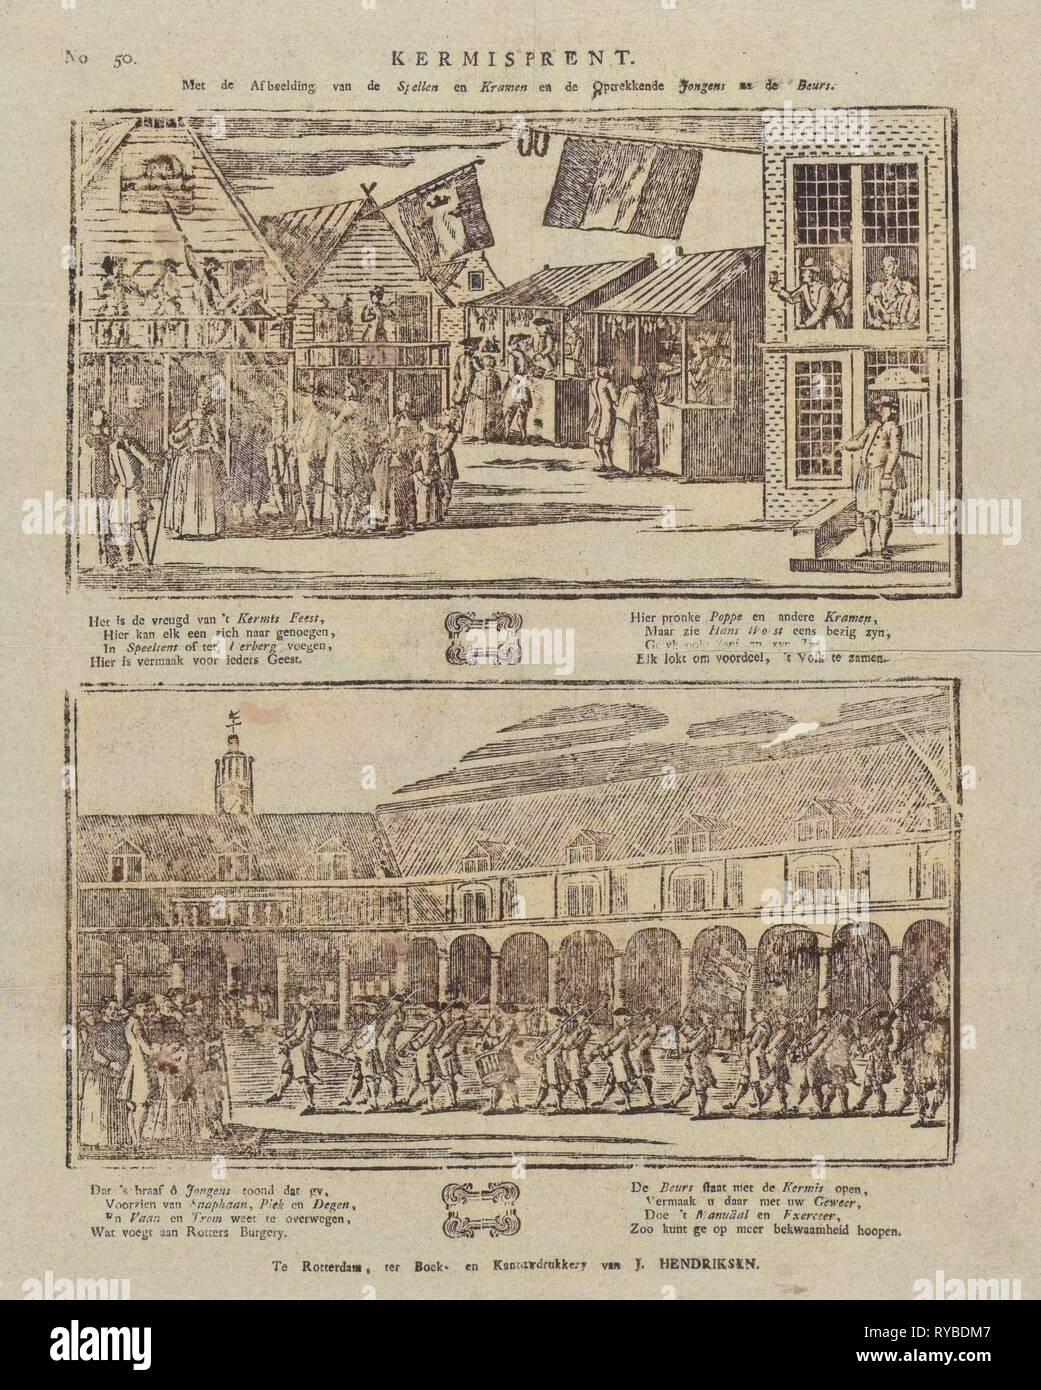 Fair zu drucken, mit dem Bild der Spiele und Stände und Jungs nach der Show, Jan Hendriksen, print-Hersteller: Anonym, 1781-1828 Stockbild